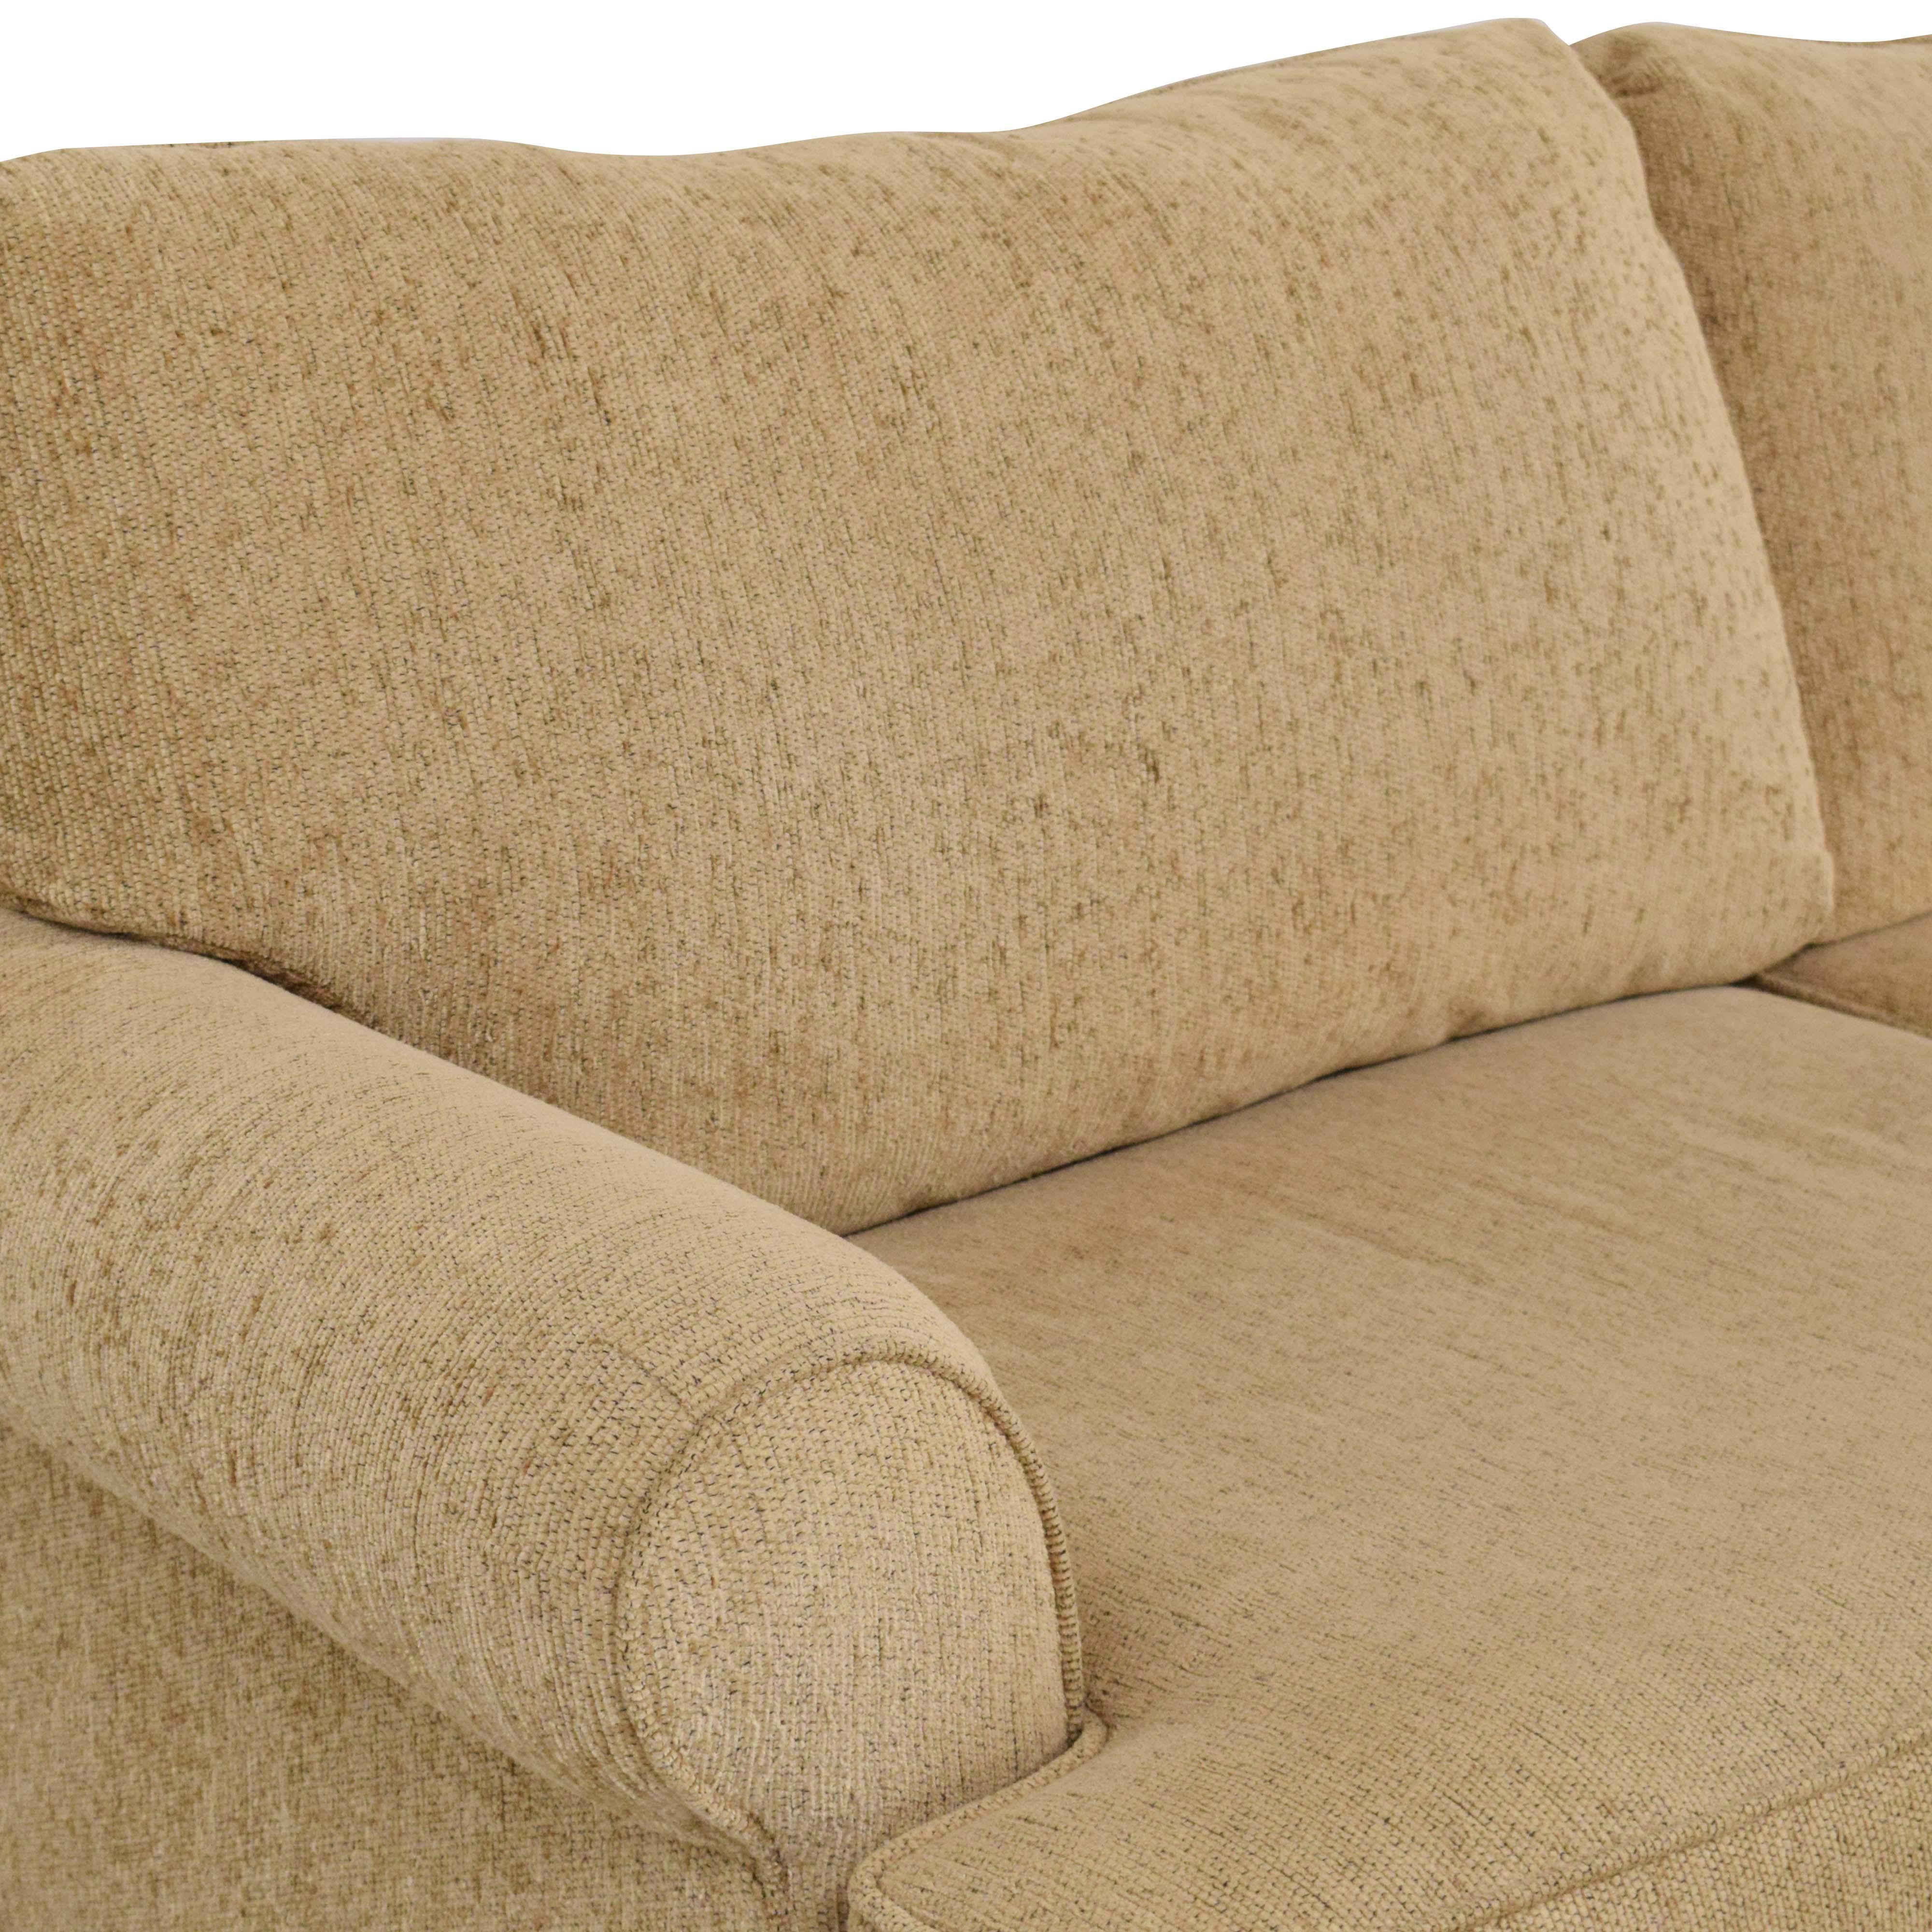 Craftmaster Furniture Craftmaster Furniture Two Cushion Sofa nj